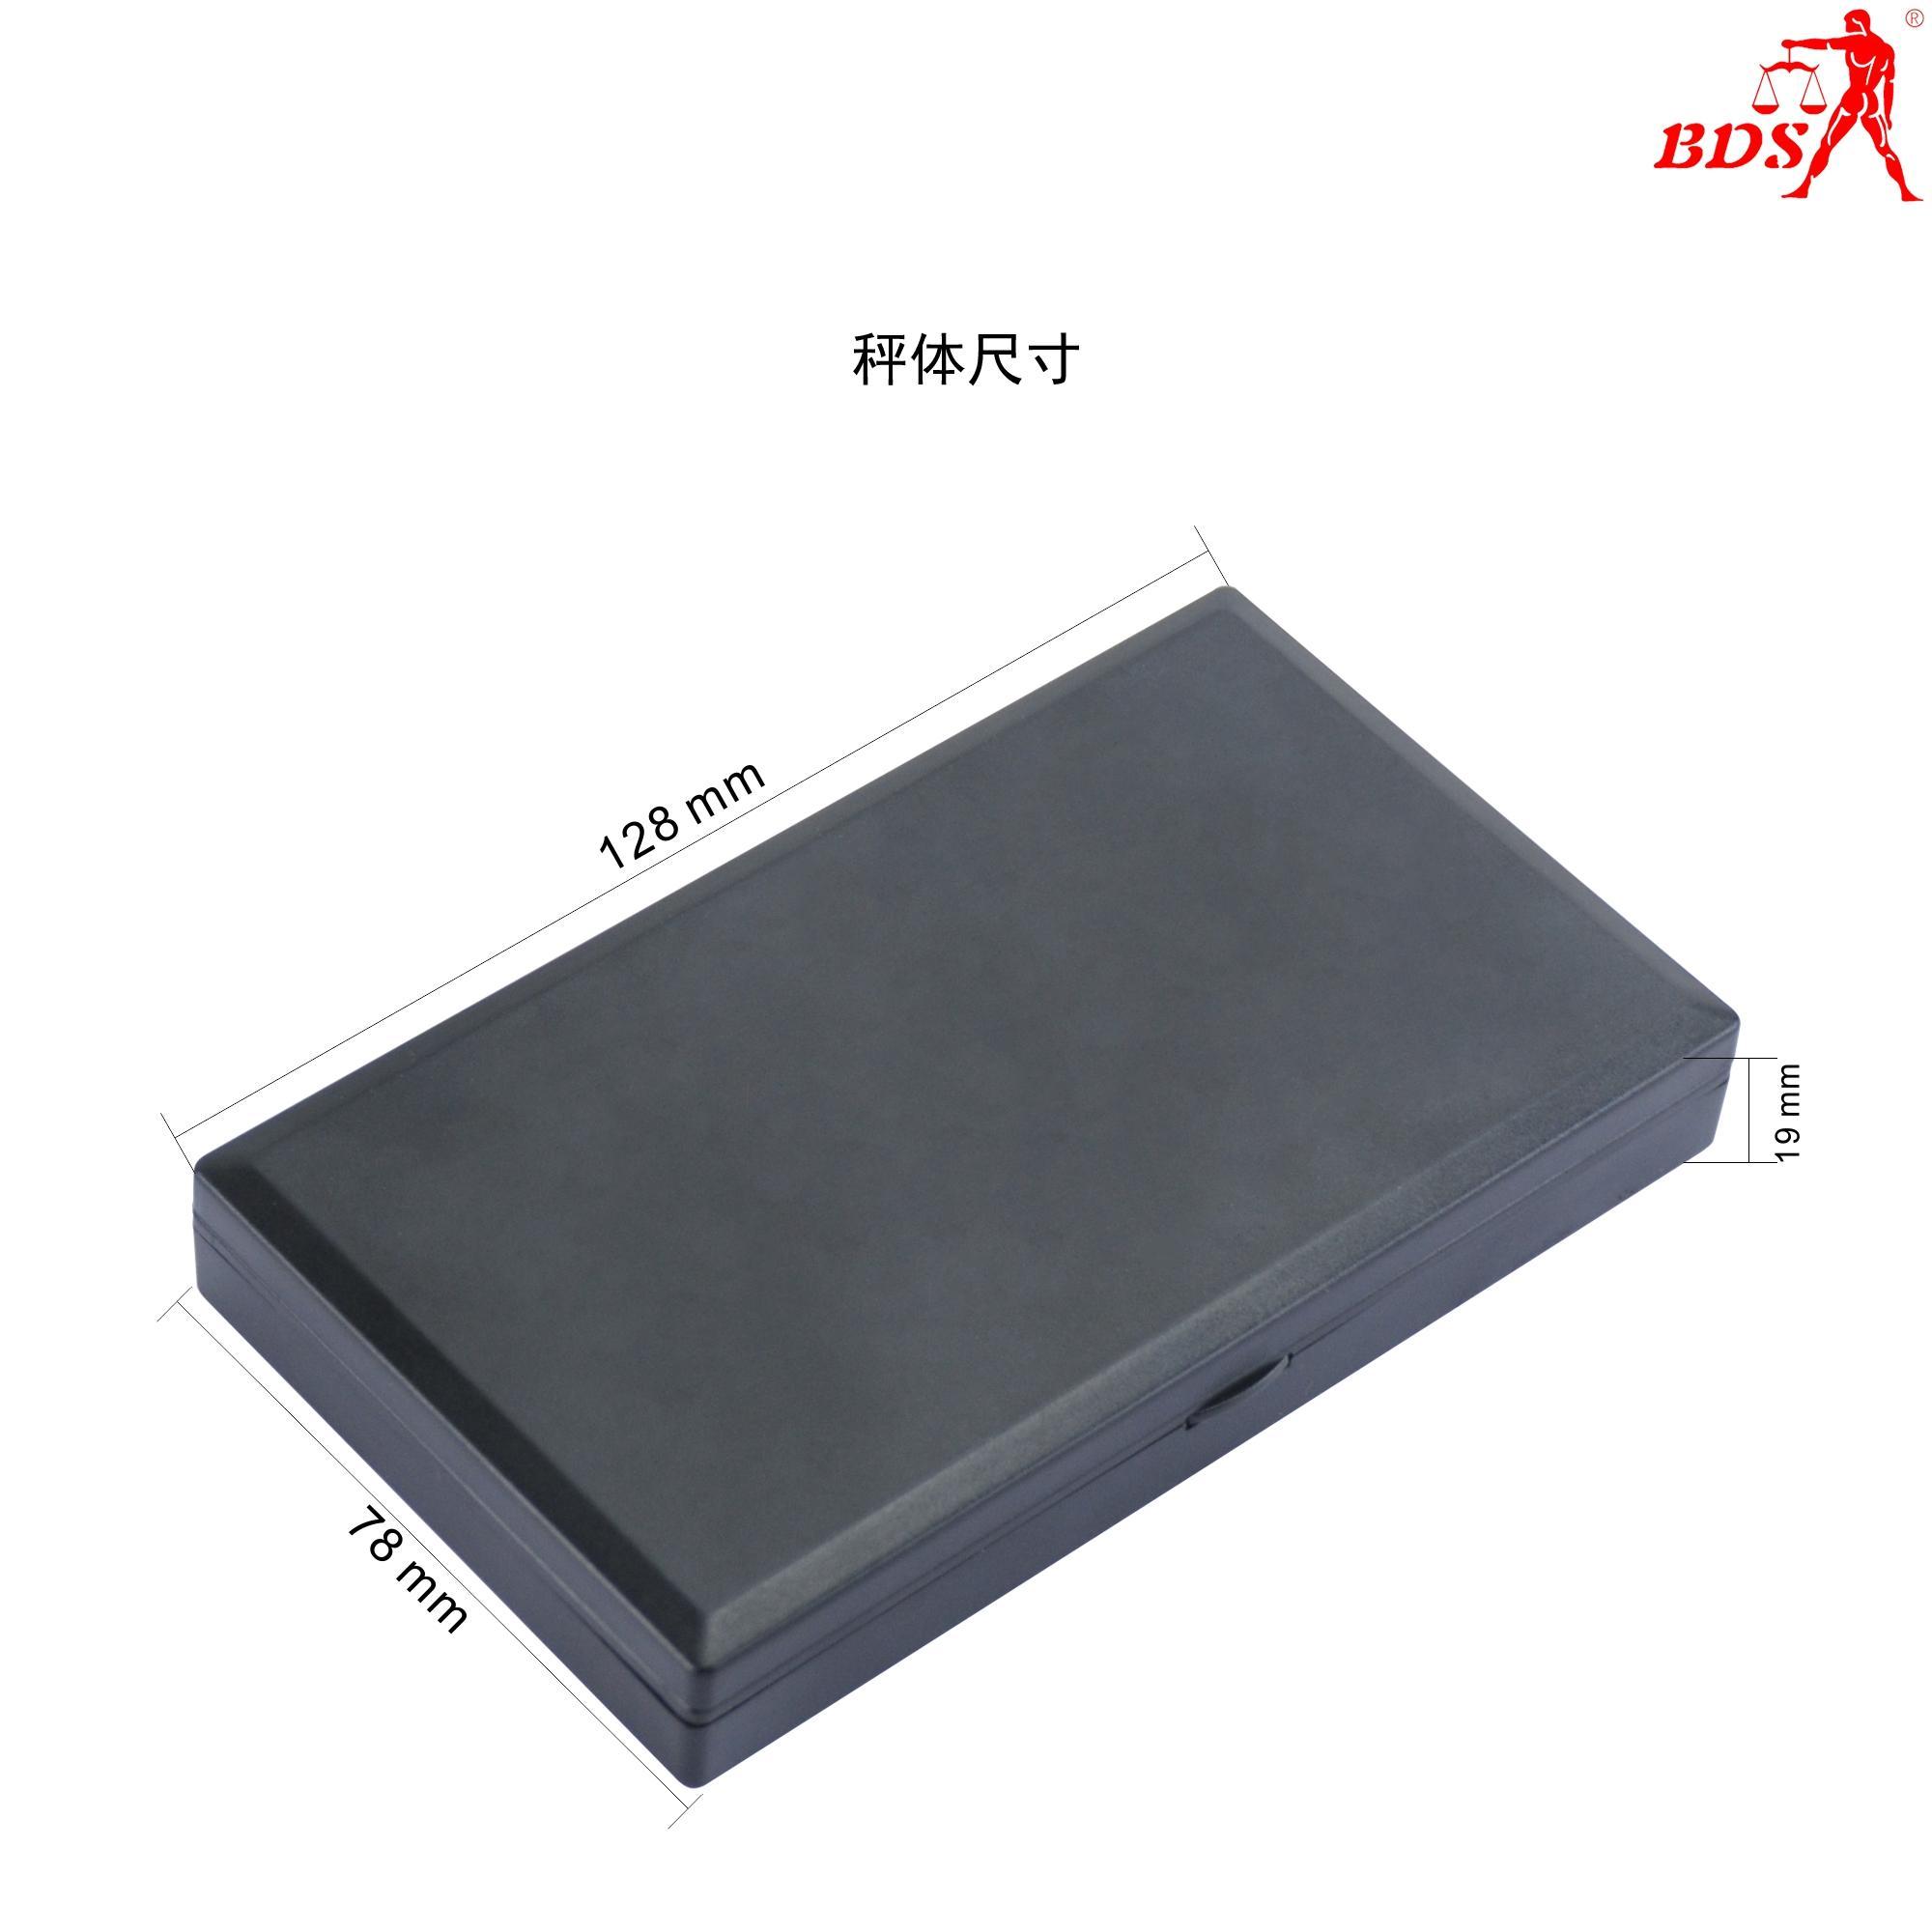 中國衡器電子口袋秤,手掌秤,珠寶秤,迷你秤北斗星衡器生產廠家 5